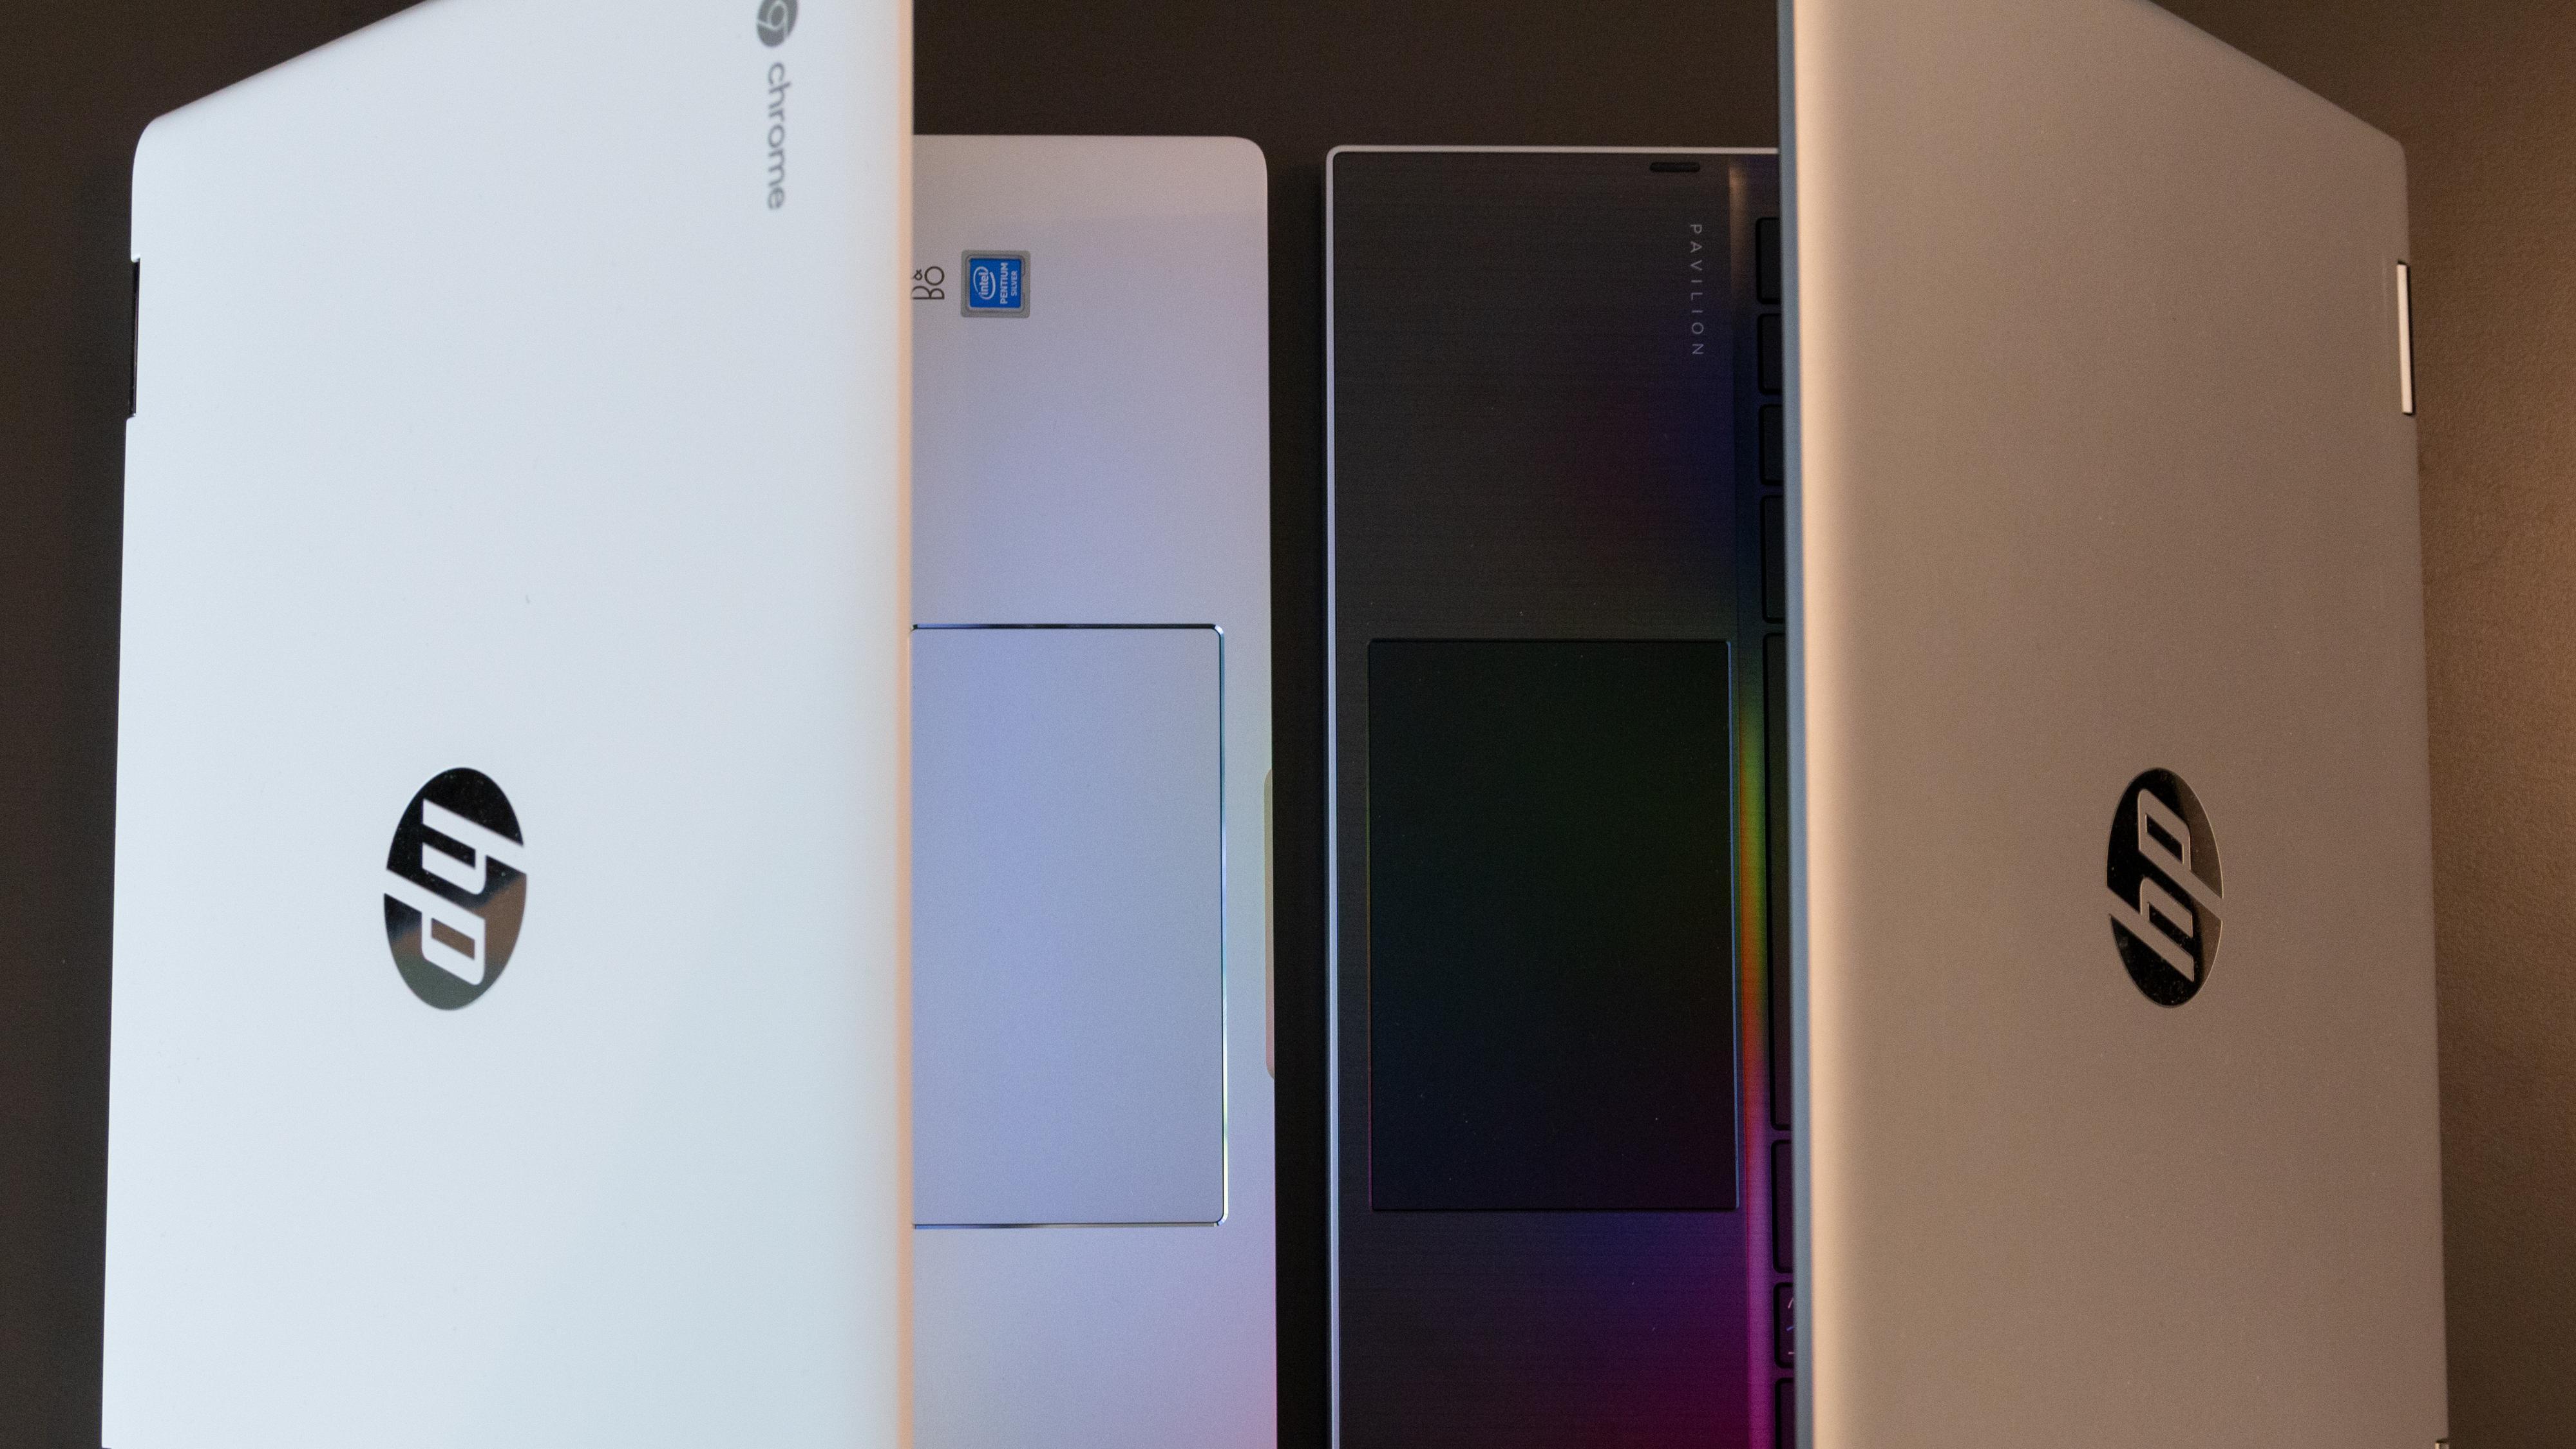 Pekeplaten til Chromebooken (venstre) er veldig upresis og frustrerende å bruke.